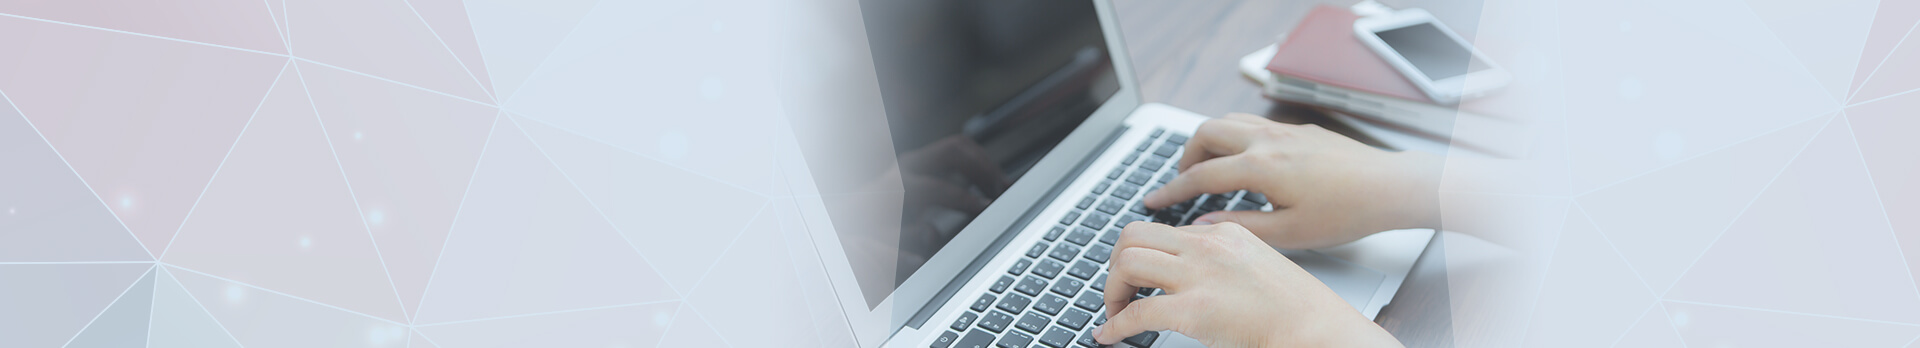 Техническая поддержка сайта от Webstudio Friendly залог его надежной работы